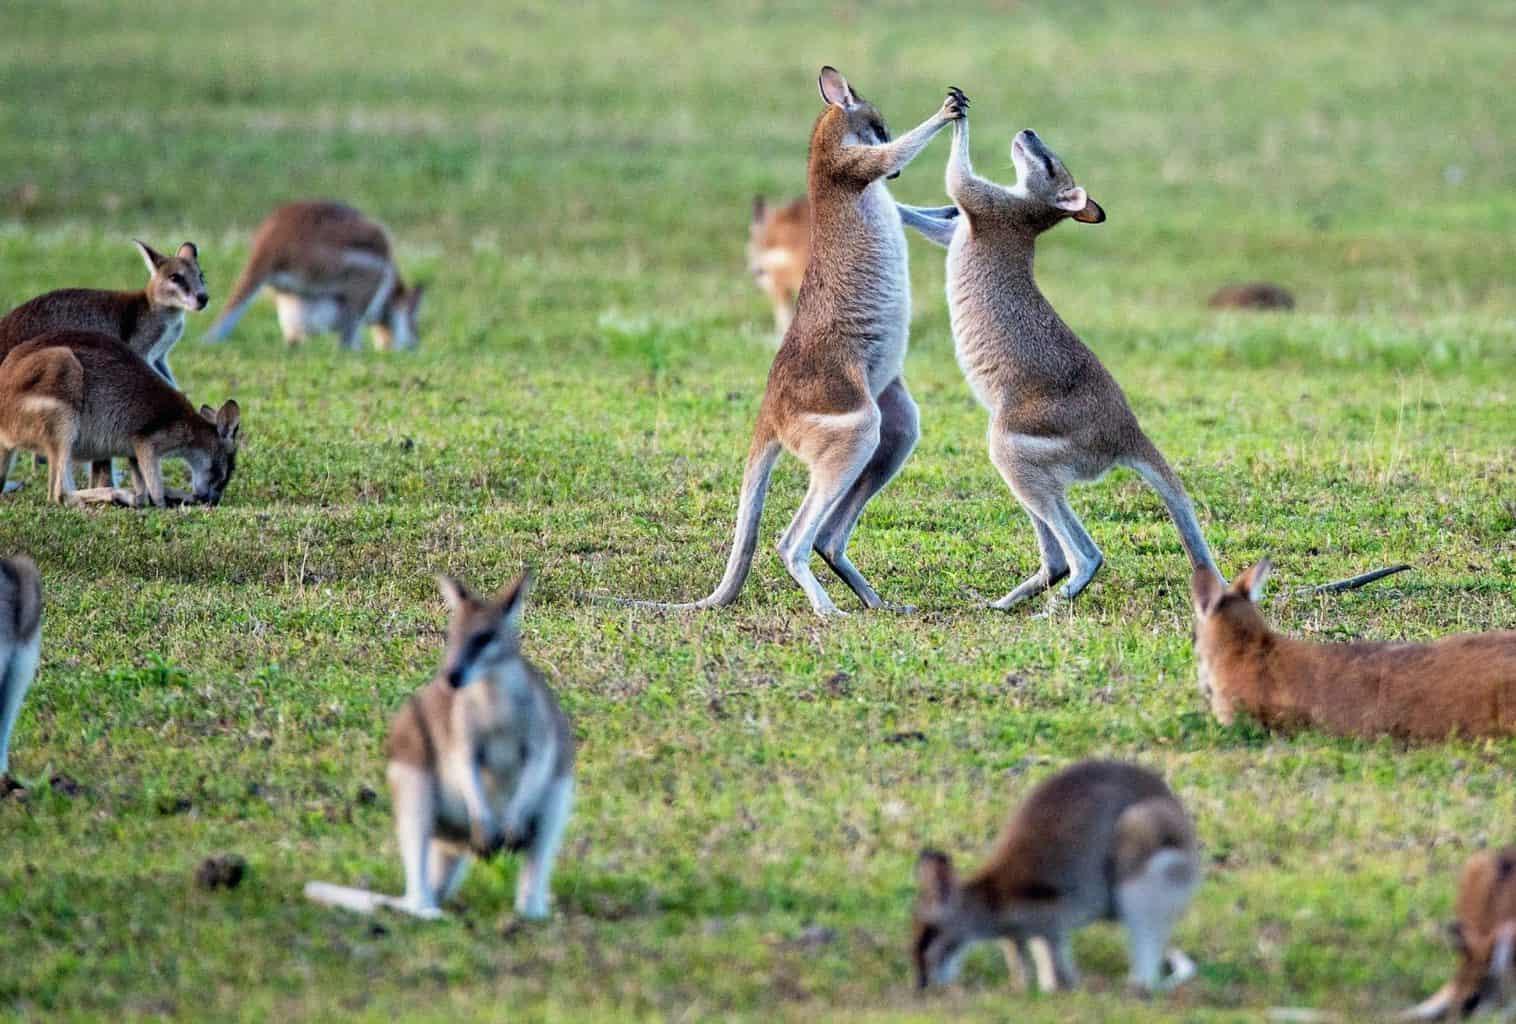 Jessica's adventure in Australia